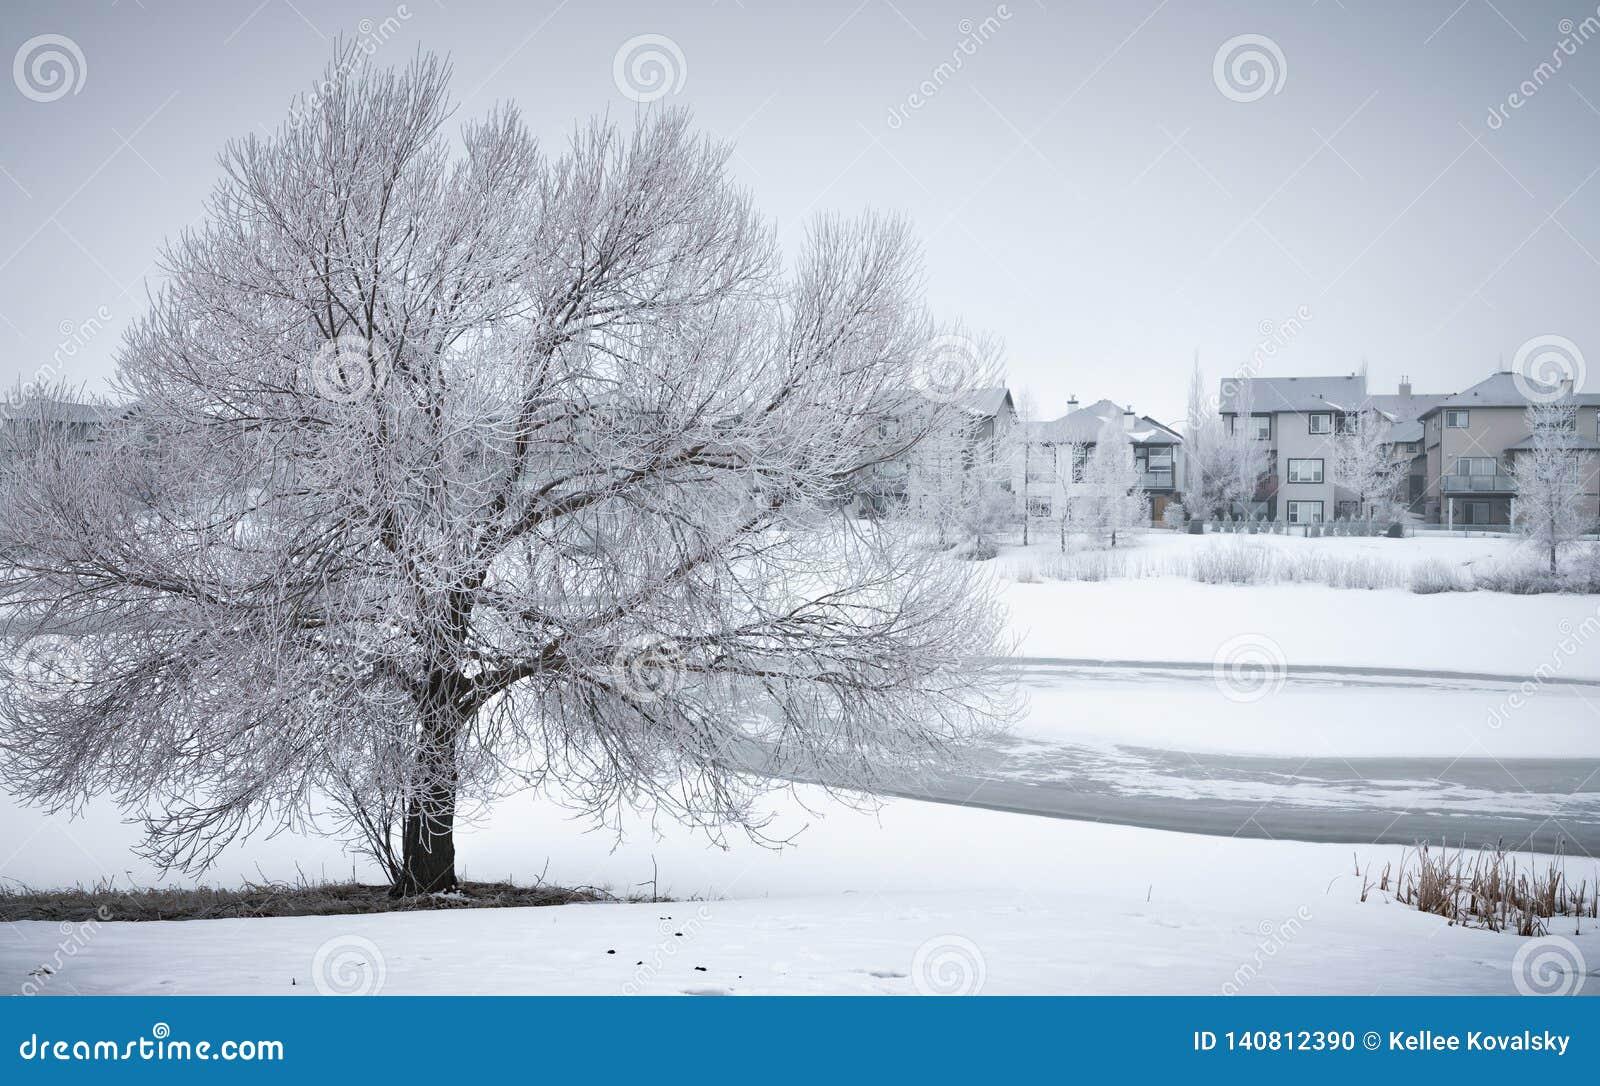 Winter Landscape with frosty tree in neighborhood park